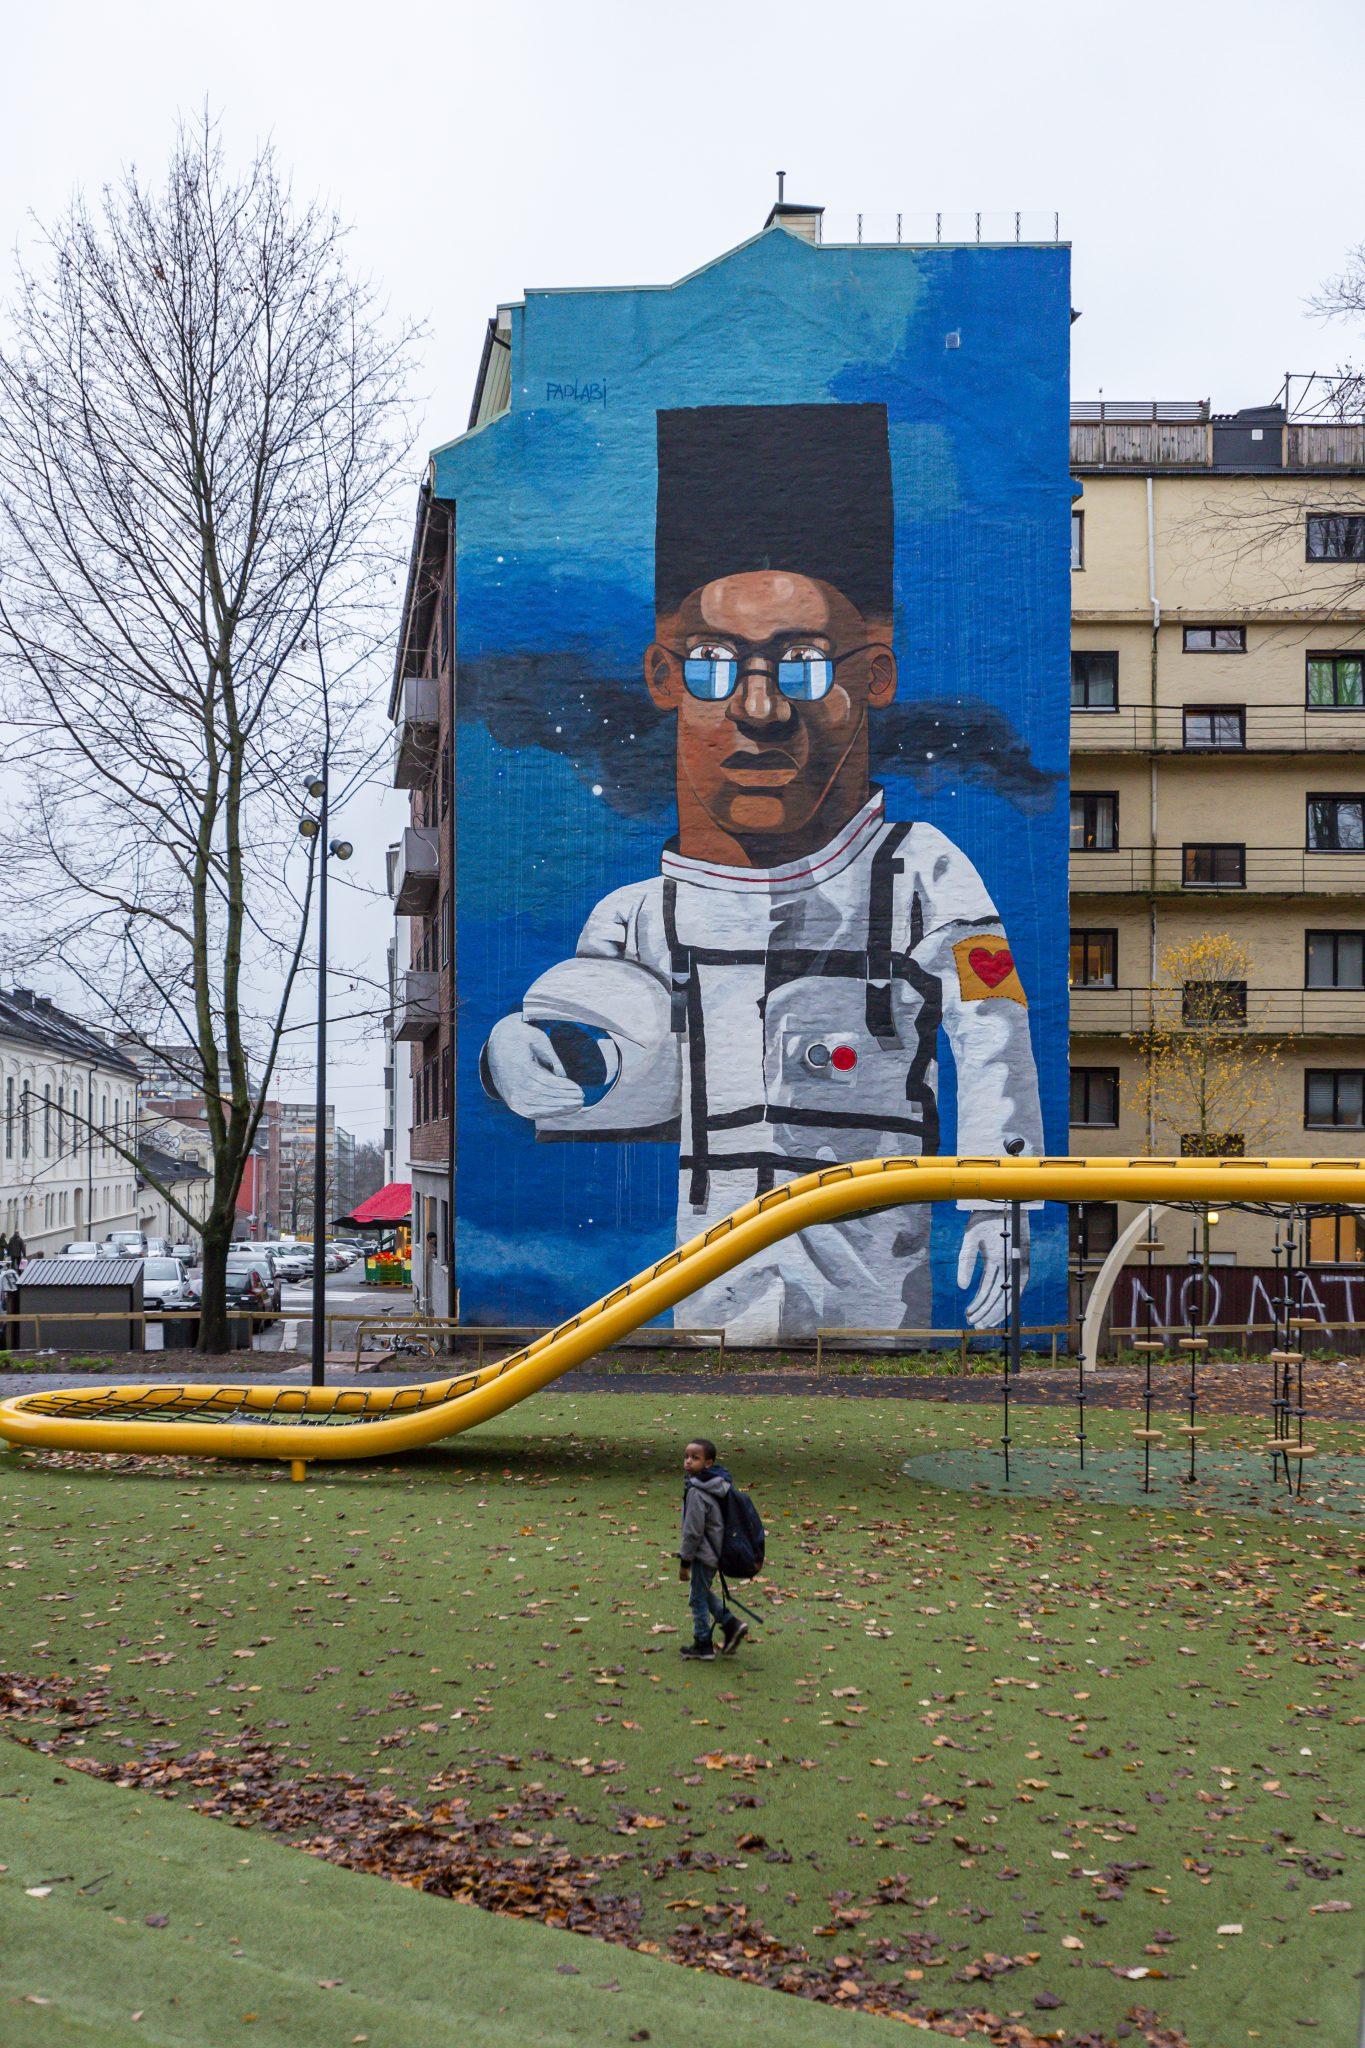 Töyen, Oslo, Norway, urban, kids, black, graffity